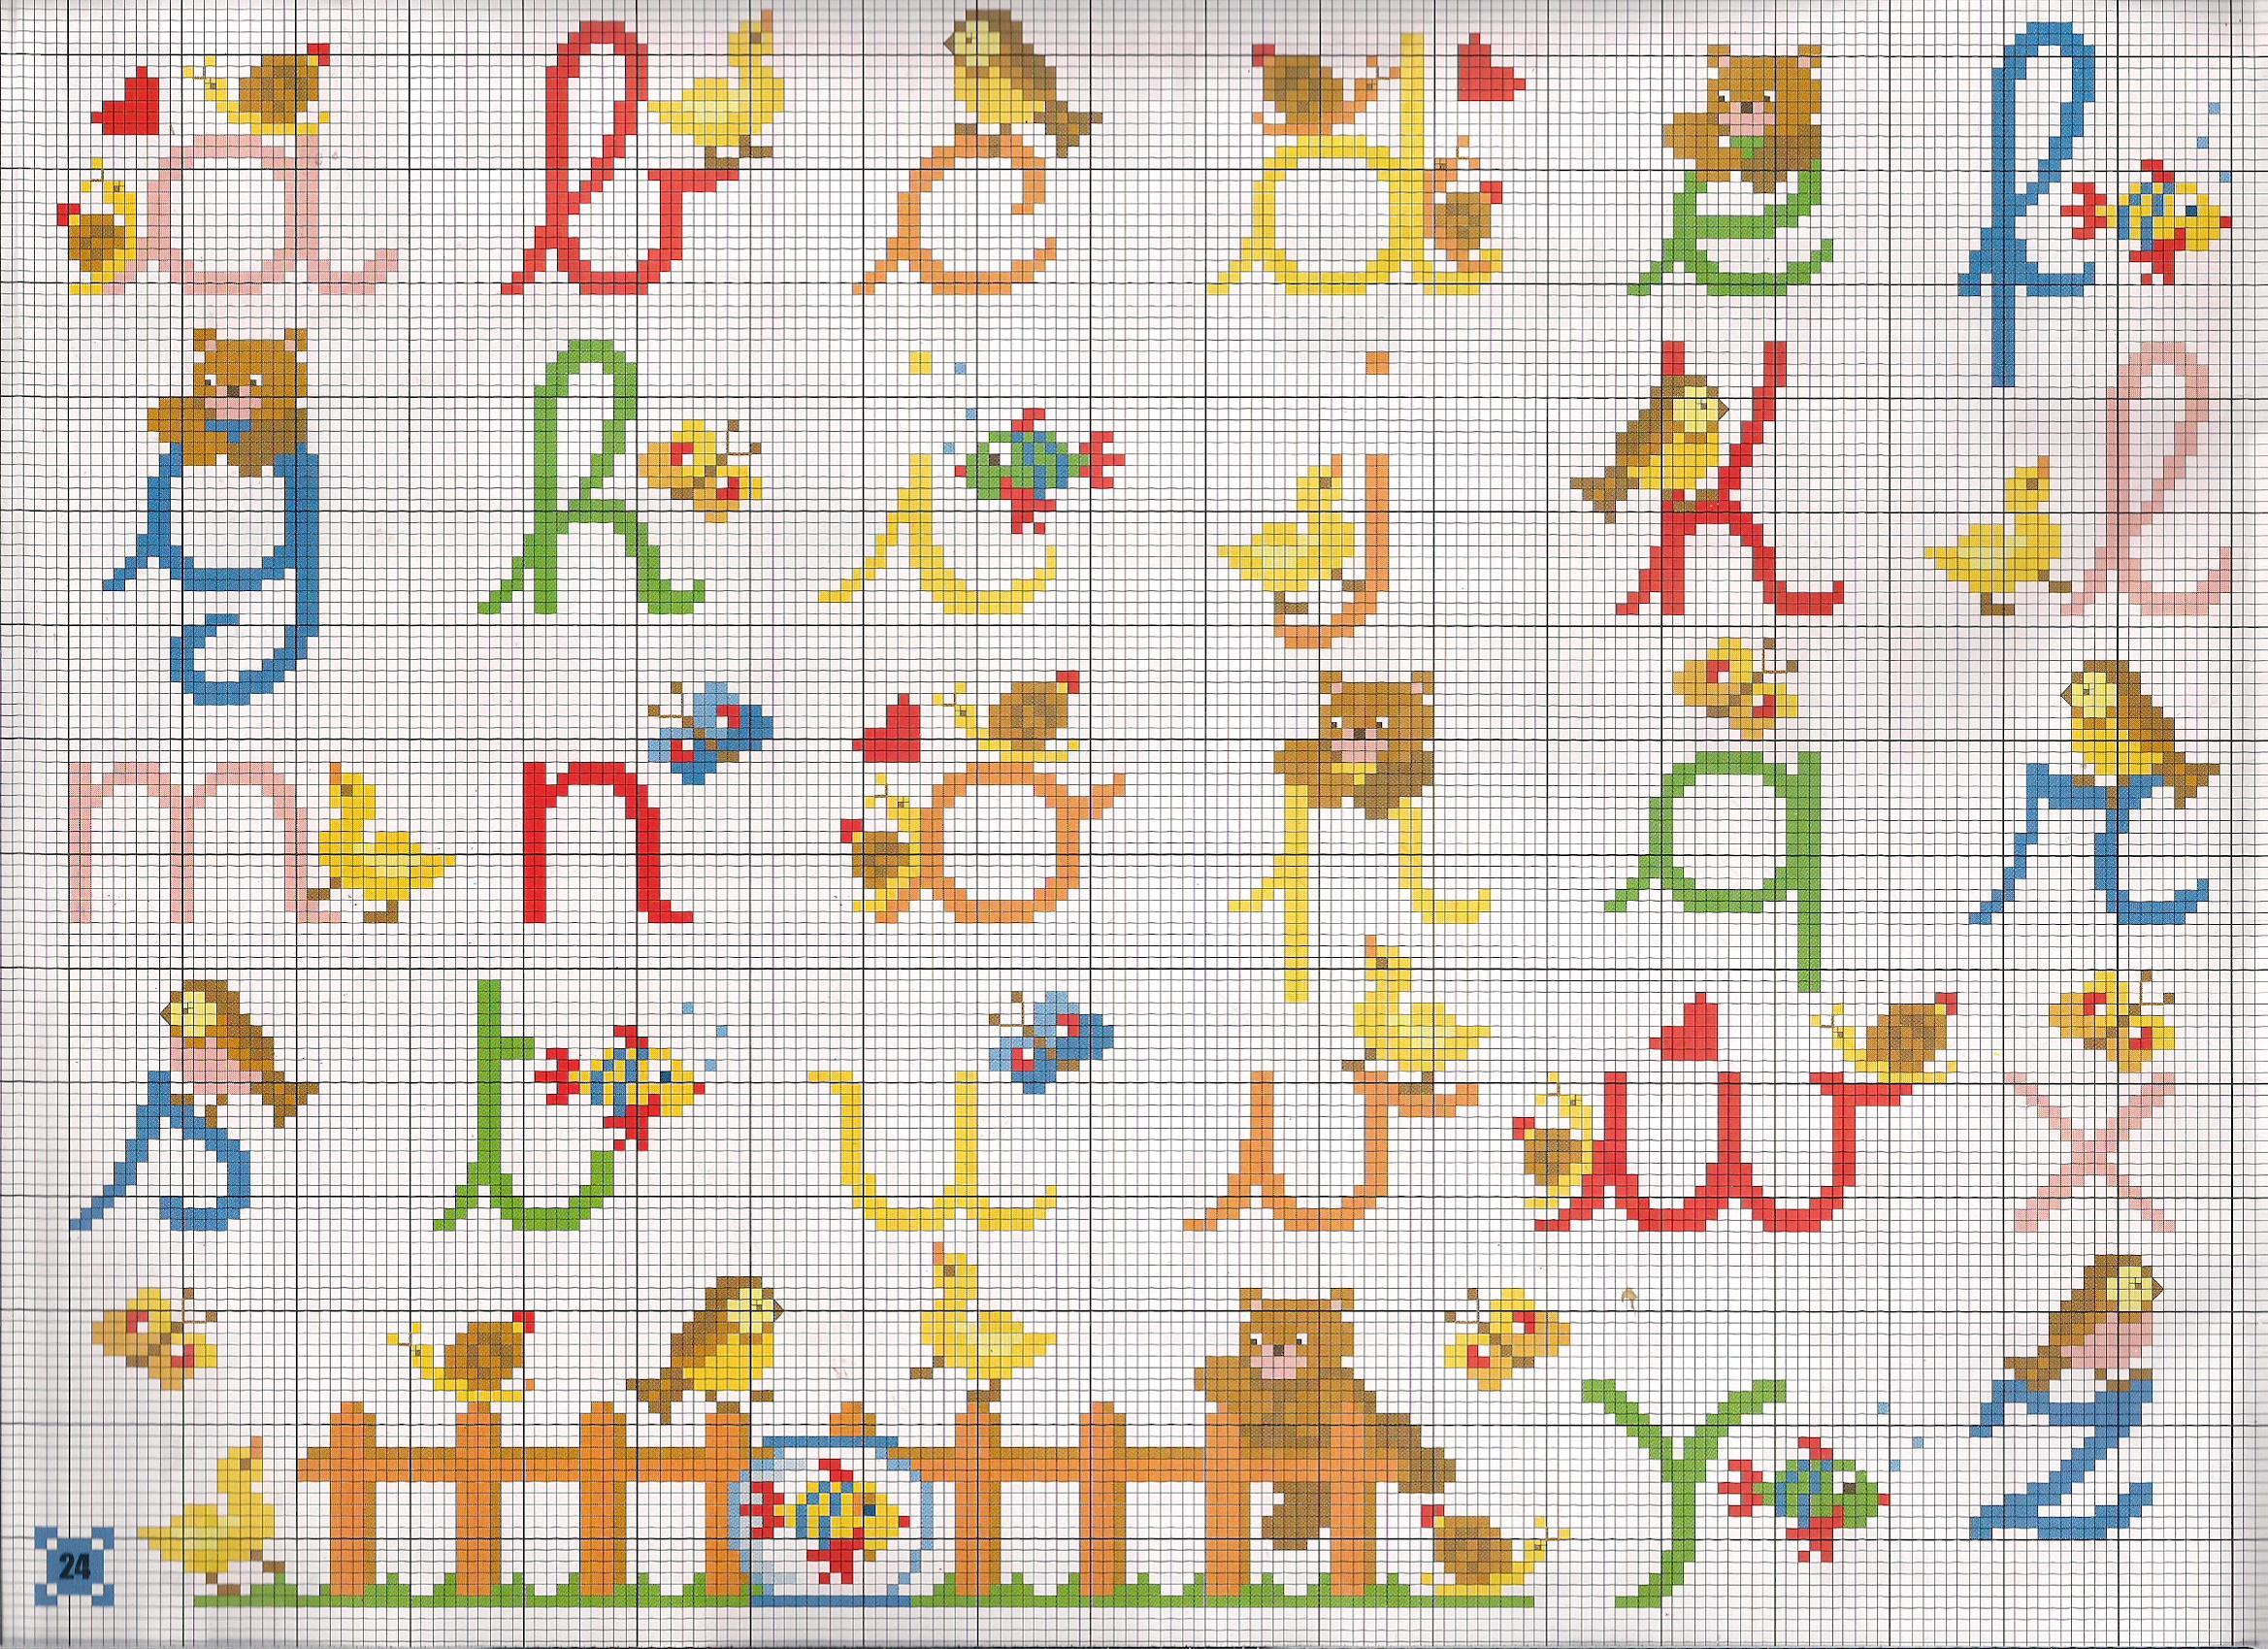 Alfabeto corsivo animaletti punto croce for Punto croce schemi alfabeto